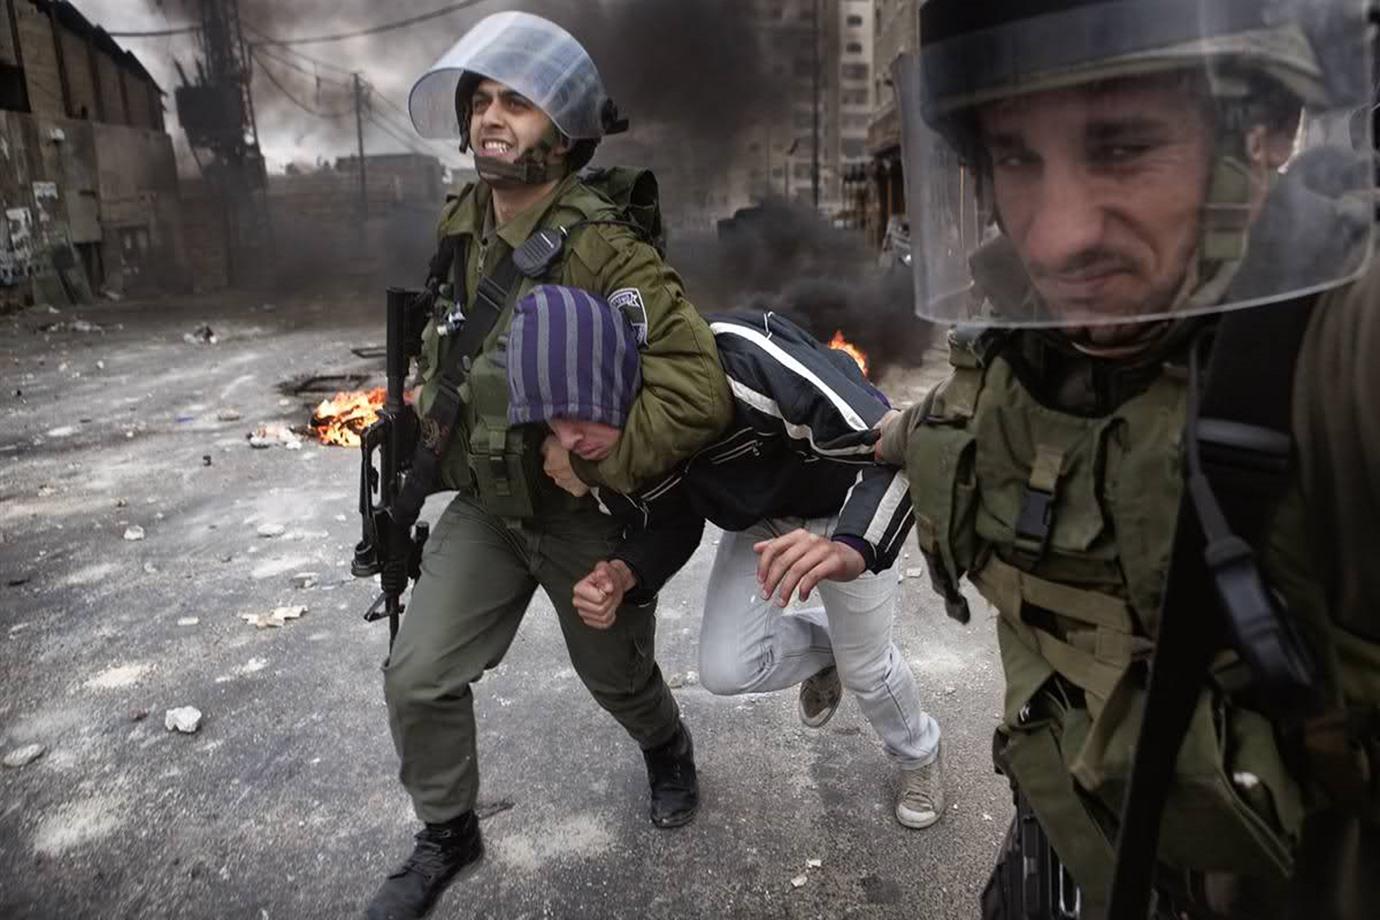 صورة الاحتلال الإسرائيلي يعتقل 19 فلسطينيا في الضفة الغربية